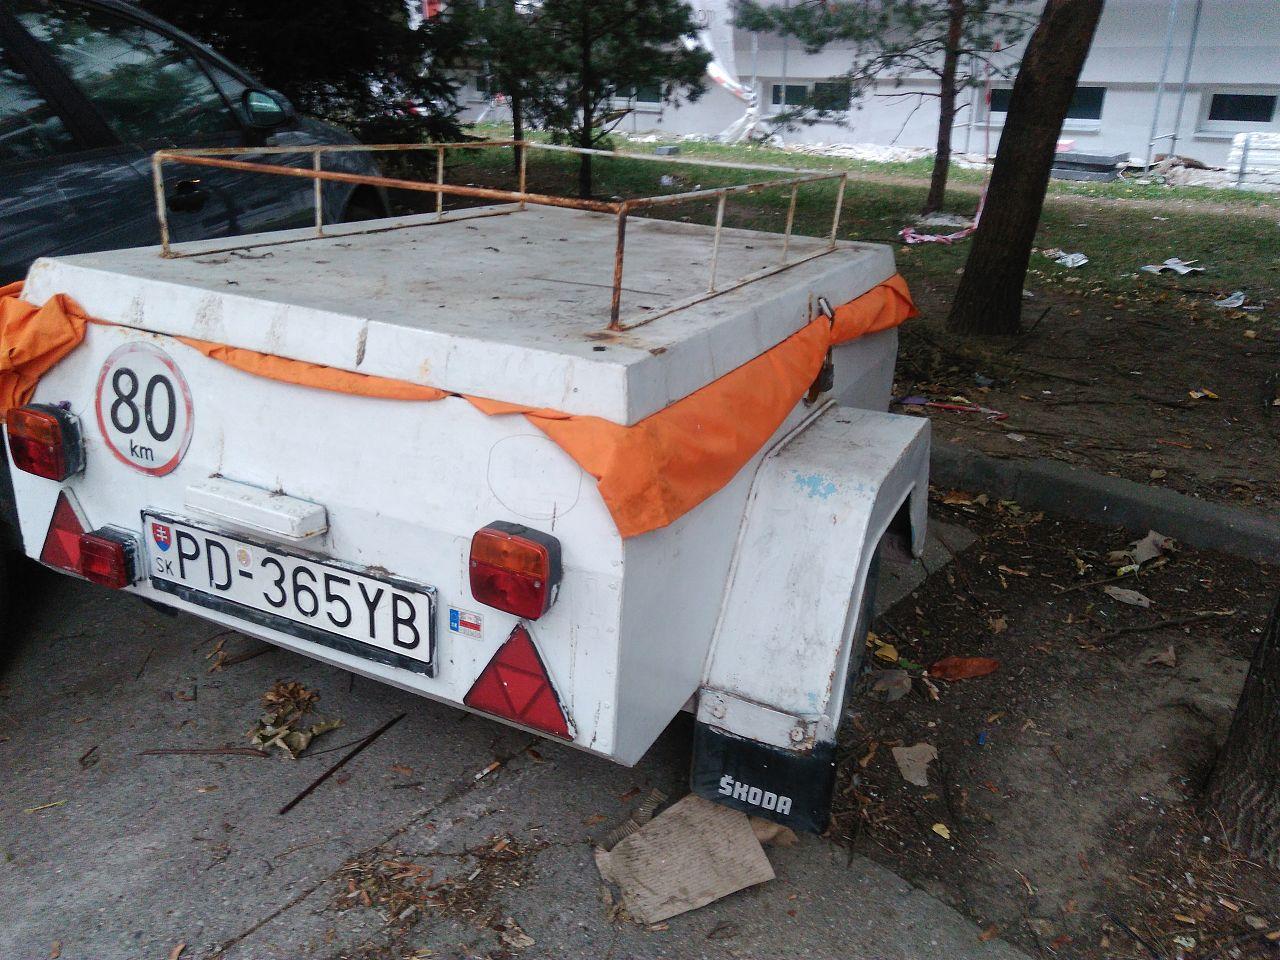 25d67ffd6 Prívesný vozík - vrak, Sever, Trnava   Odkazprestarostu.sk